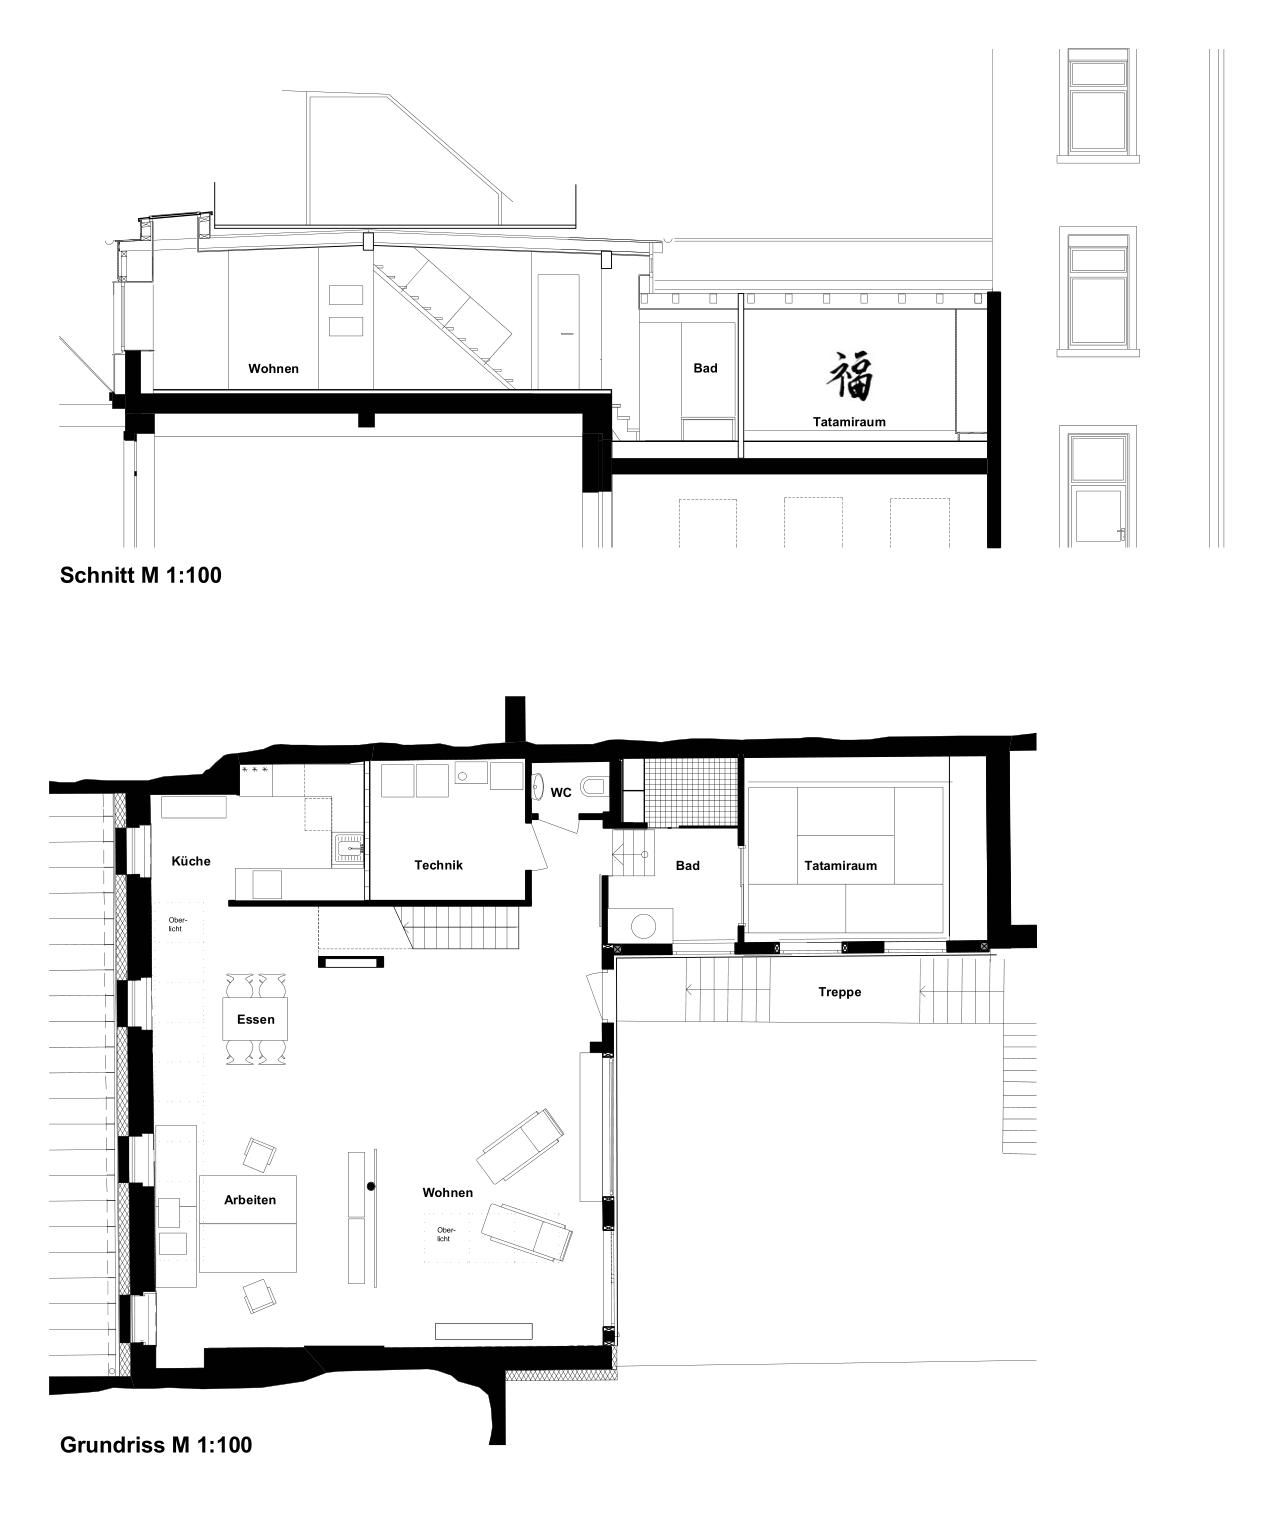 Loft Grundriss- und Aufrissplan